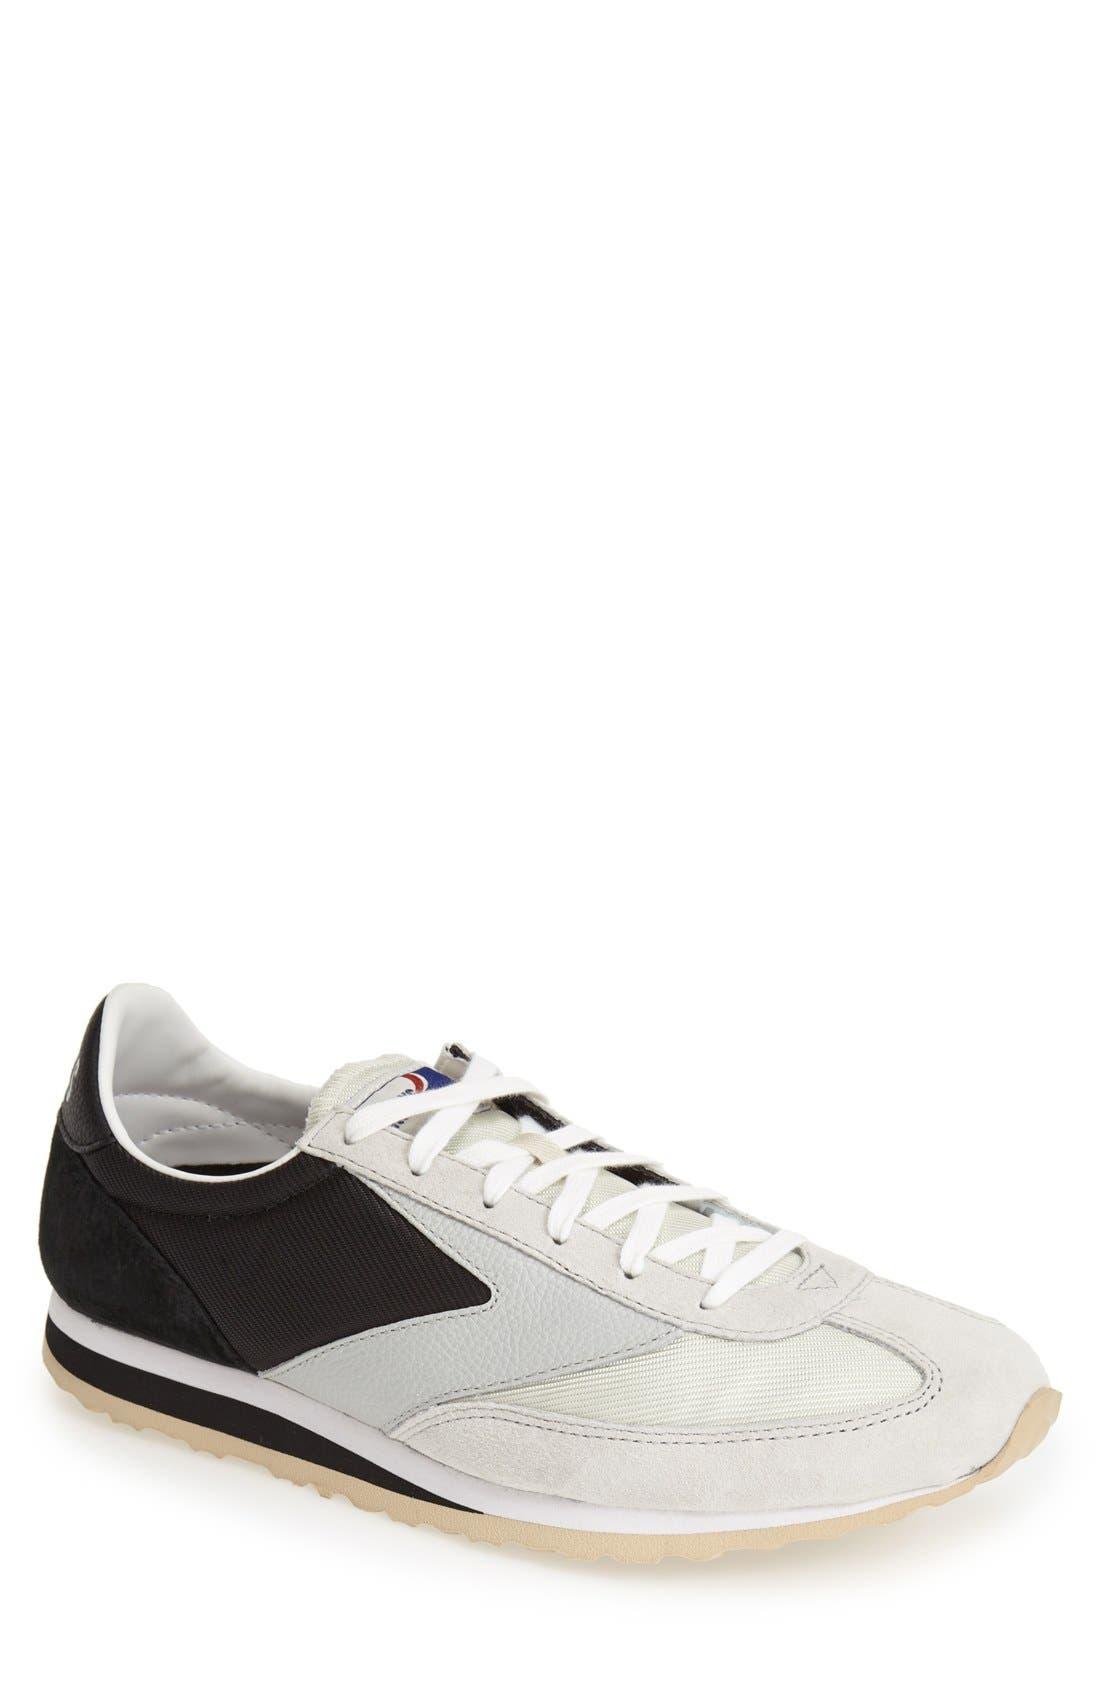 'Vanguard' Sneaker,                             Main thumbnail 1, color,                             001